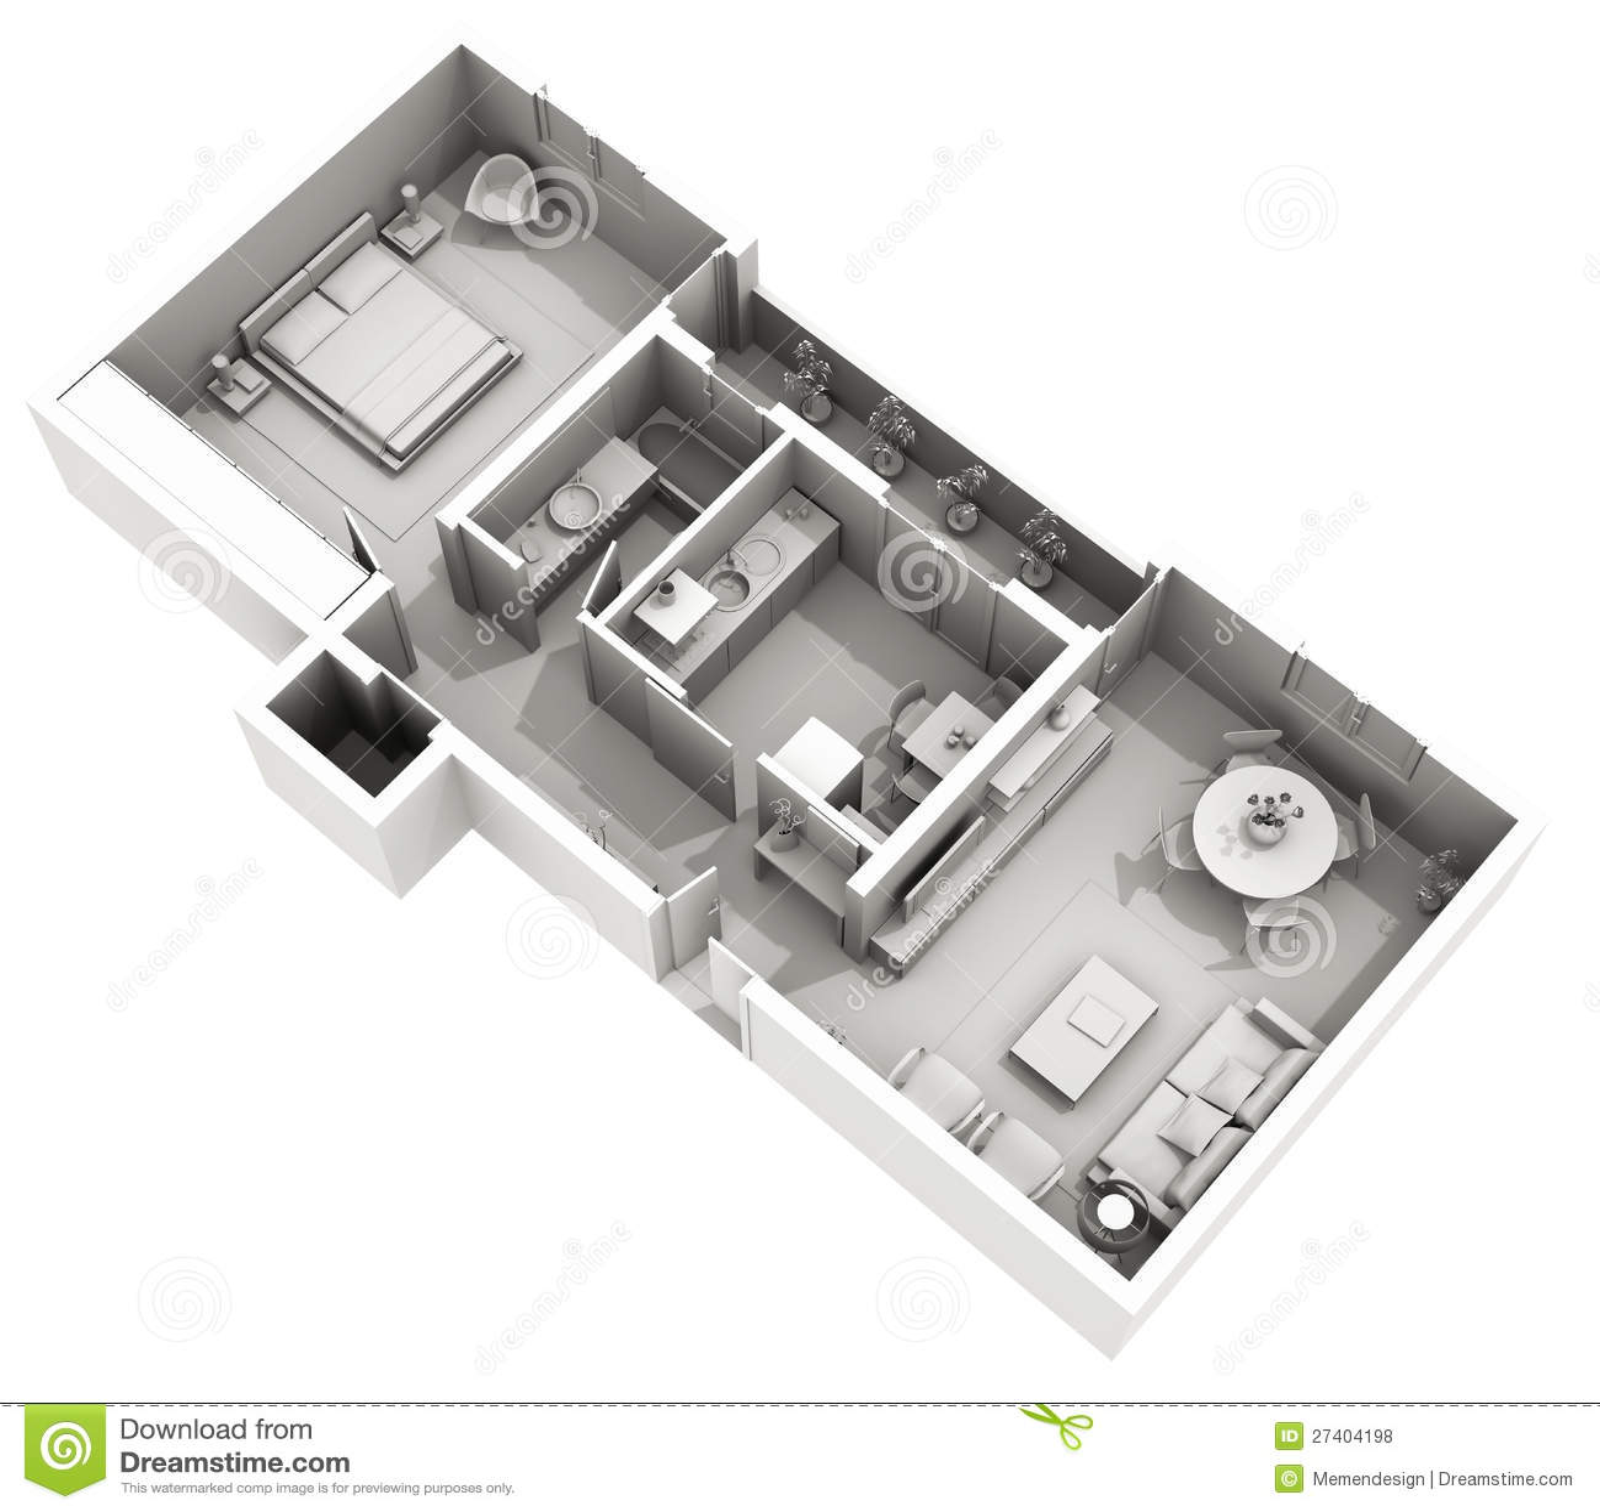 Disegno interno casa dell 39 argilla 3d appartamento for Disegno interno casa